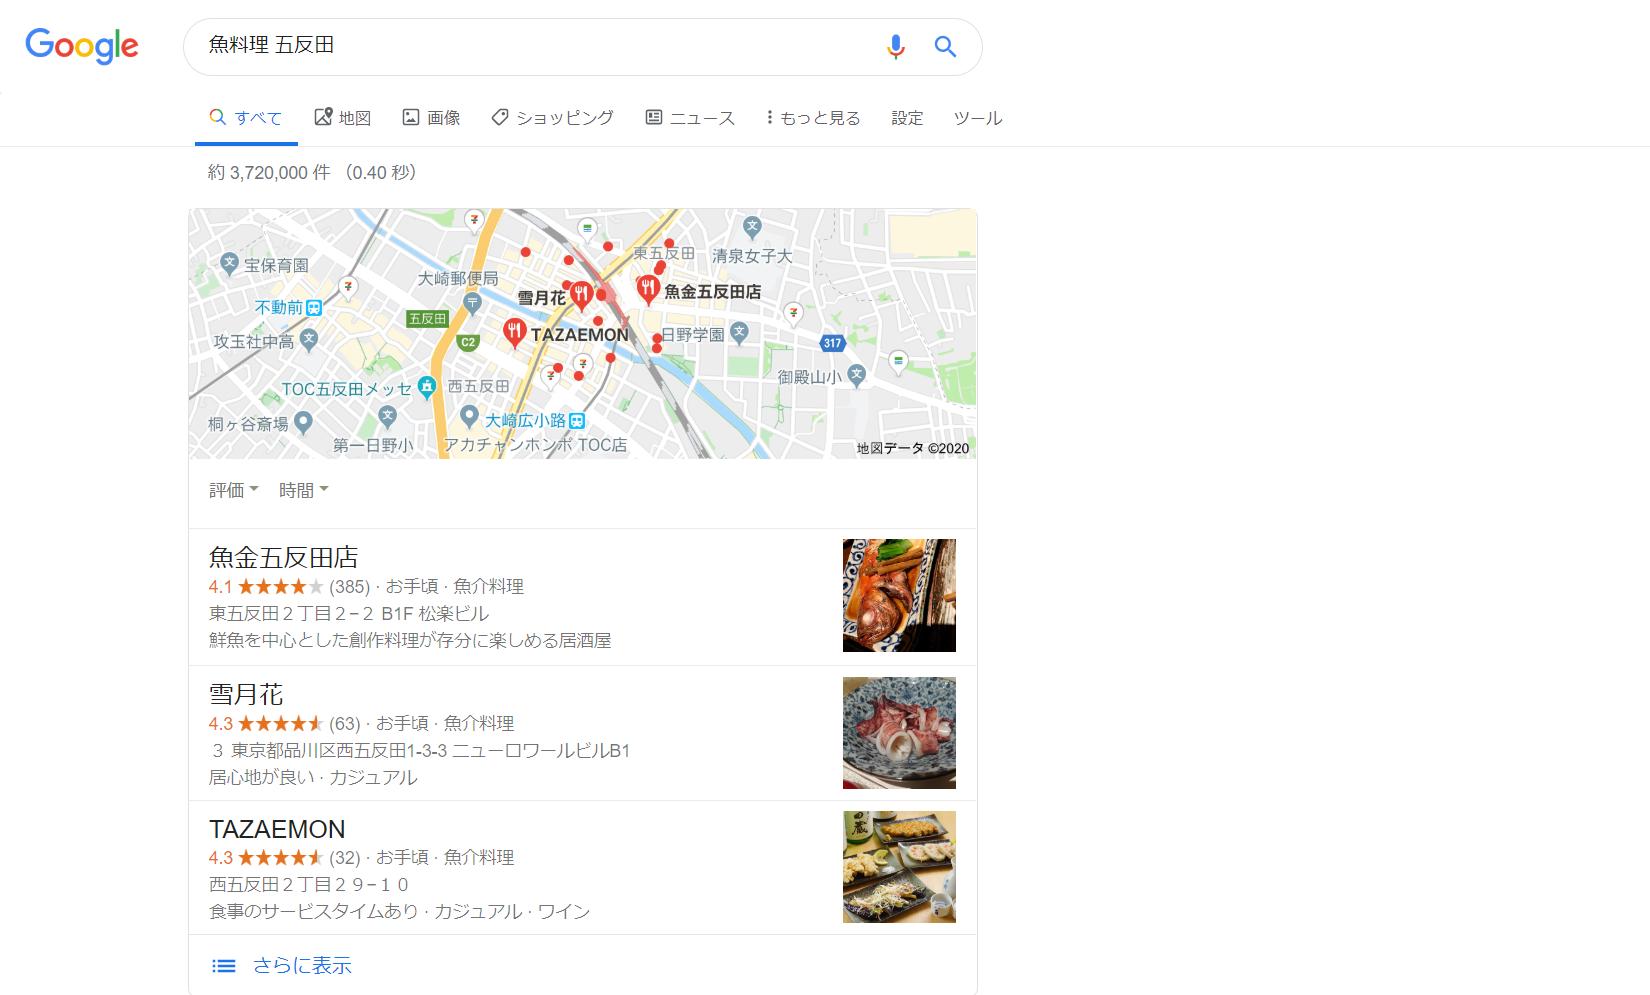 PC版ローカル検索結果